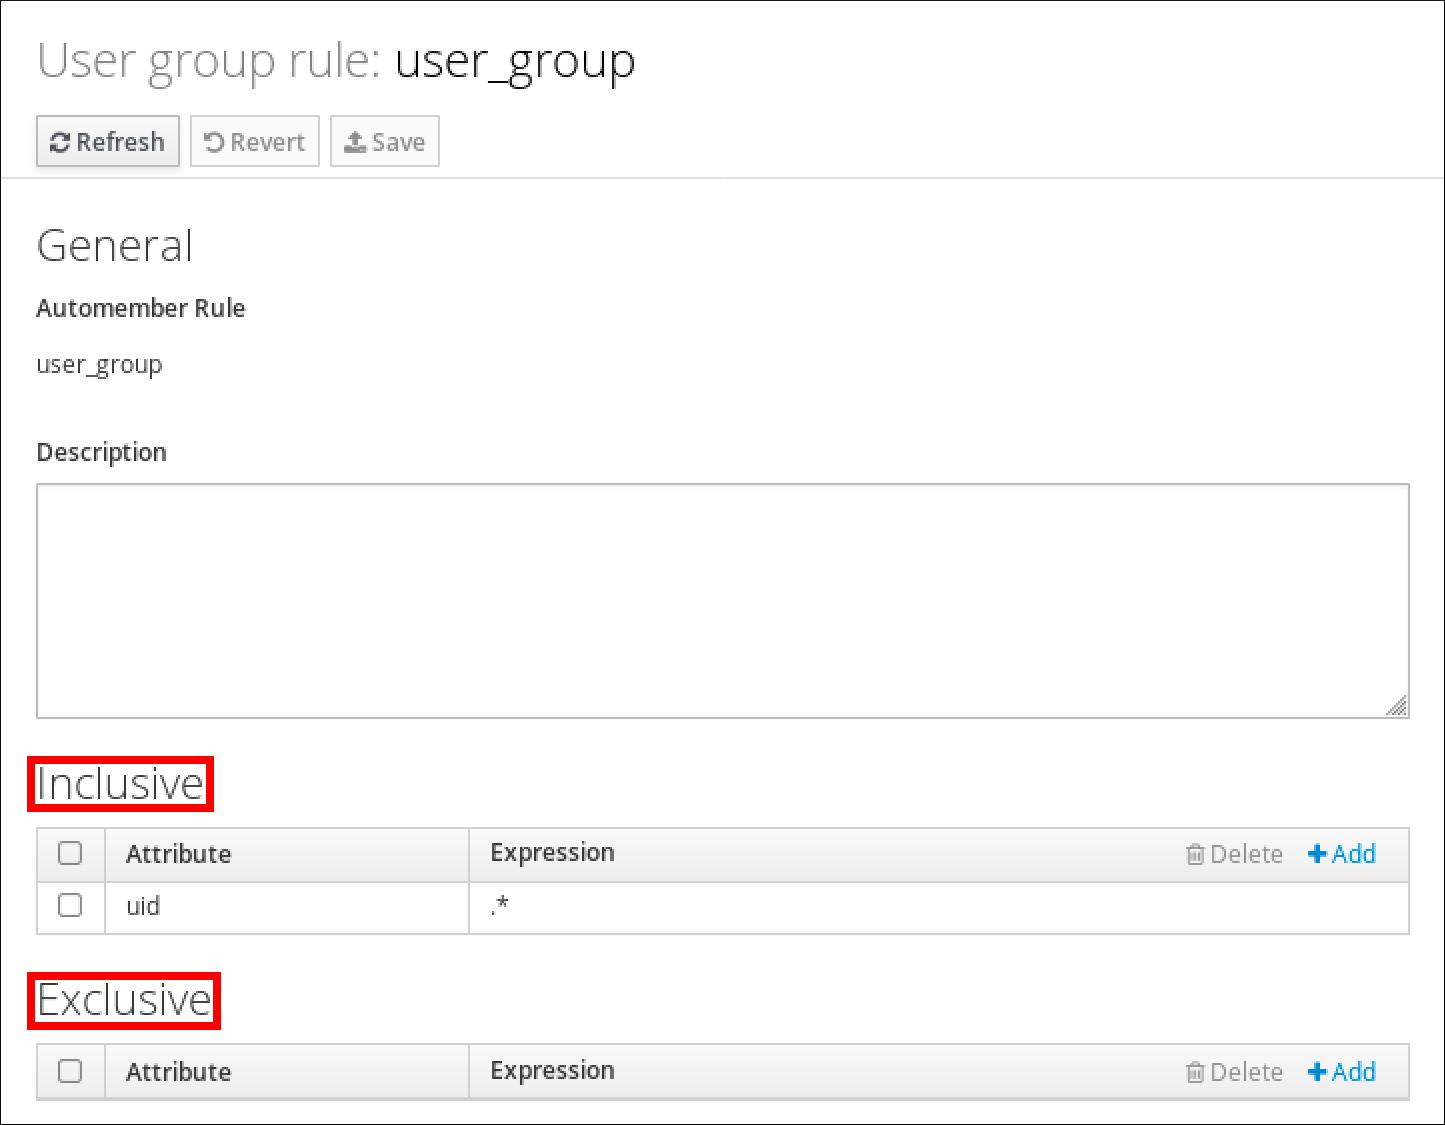 """包含用户组规则""""user_group""""详细信息的屏幕截图。 有一个""""常规""""部分,其中显示了 Automember 规则的名称和""""说明""""。 底部有一个""""原生""""部分,其中包含带有标有""""Attribute""""和""""Expression""""列的表格显示条目。 此表有一个条目,uid 作为 Attribute,.* 作为表达式。在底部有一个""""Exclusive""""部分,其中包含与""""Inclusive""""表结构匹配的表,但没有条目。"""